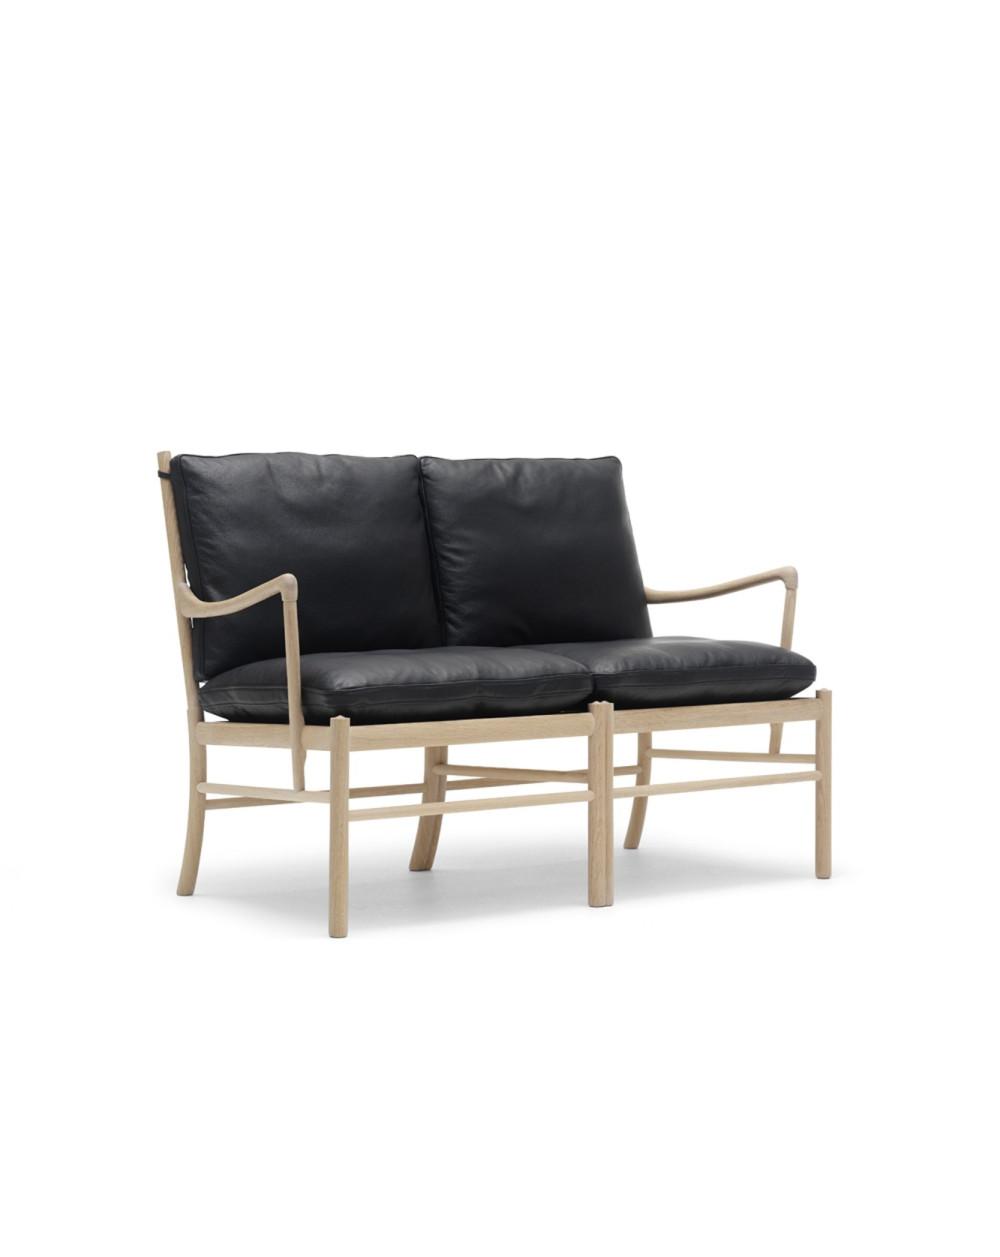 Colonial Sofa, Ole Wanscher for Carl Hansen